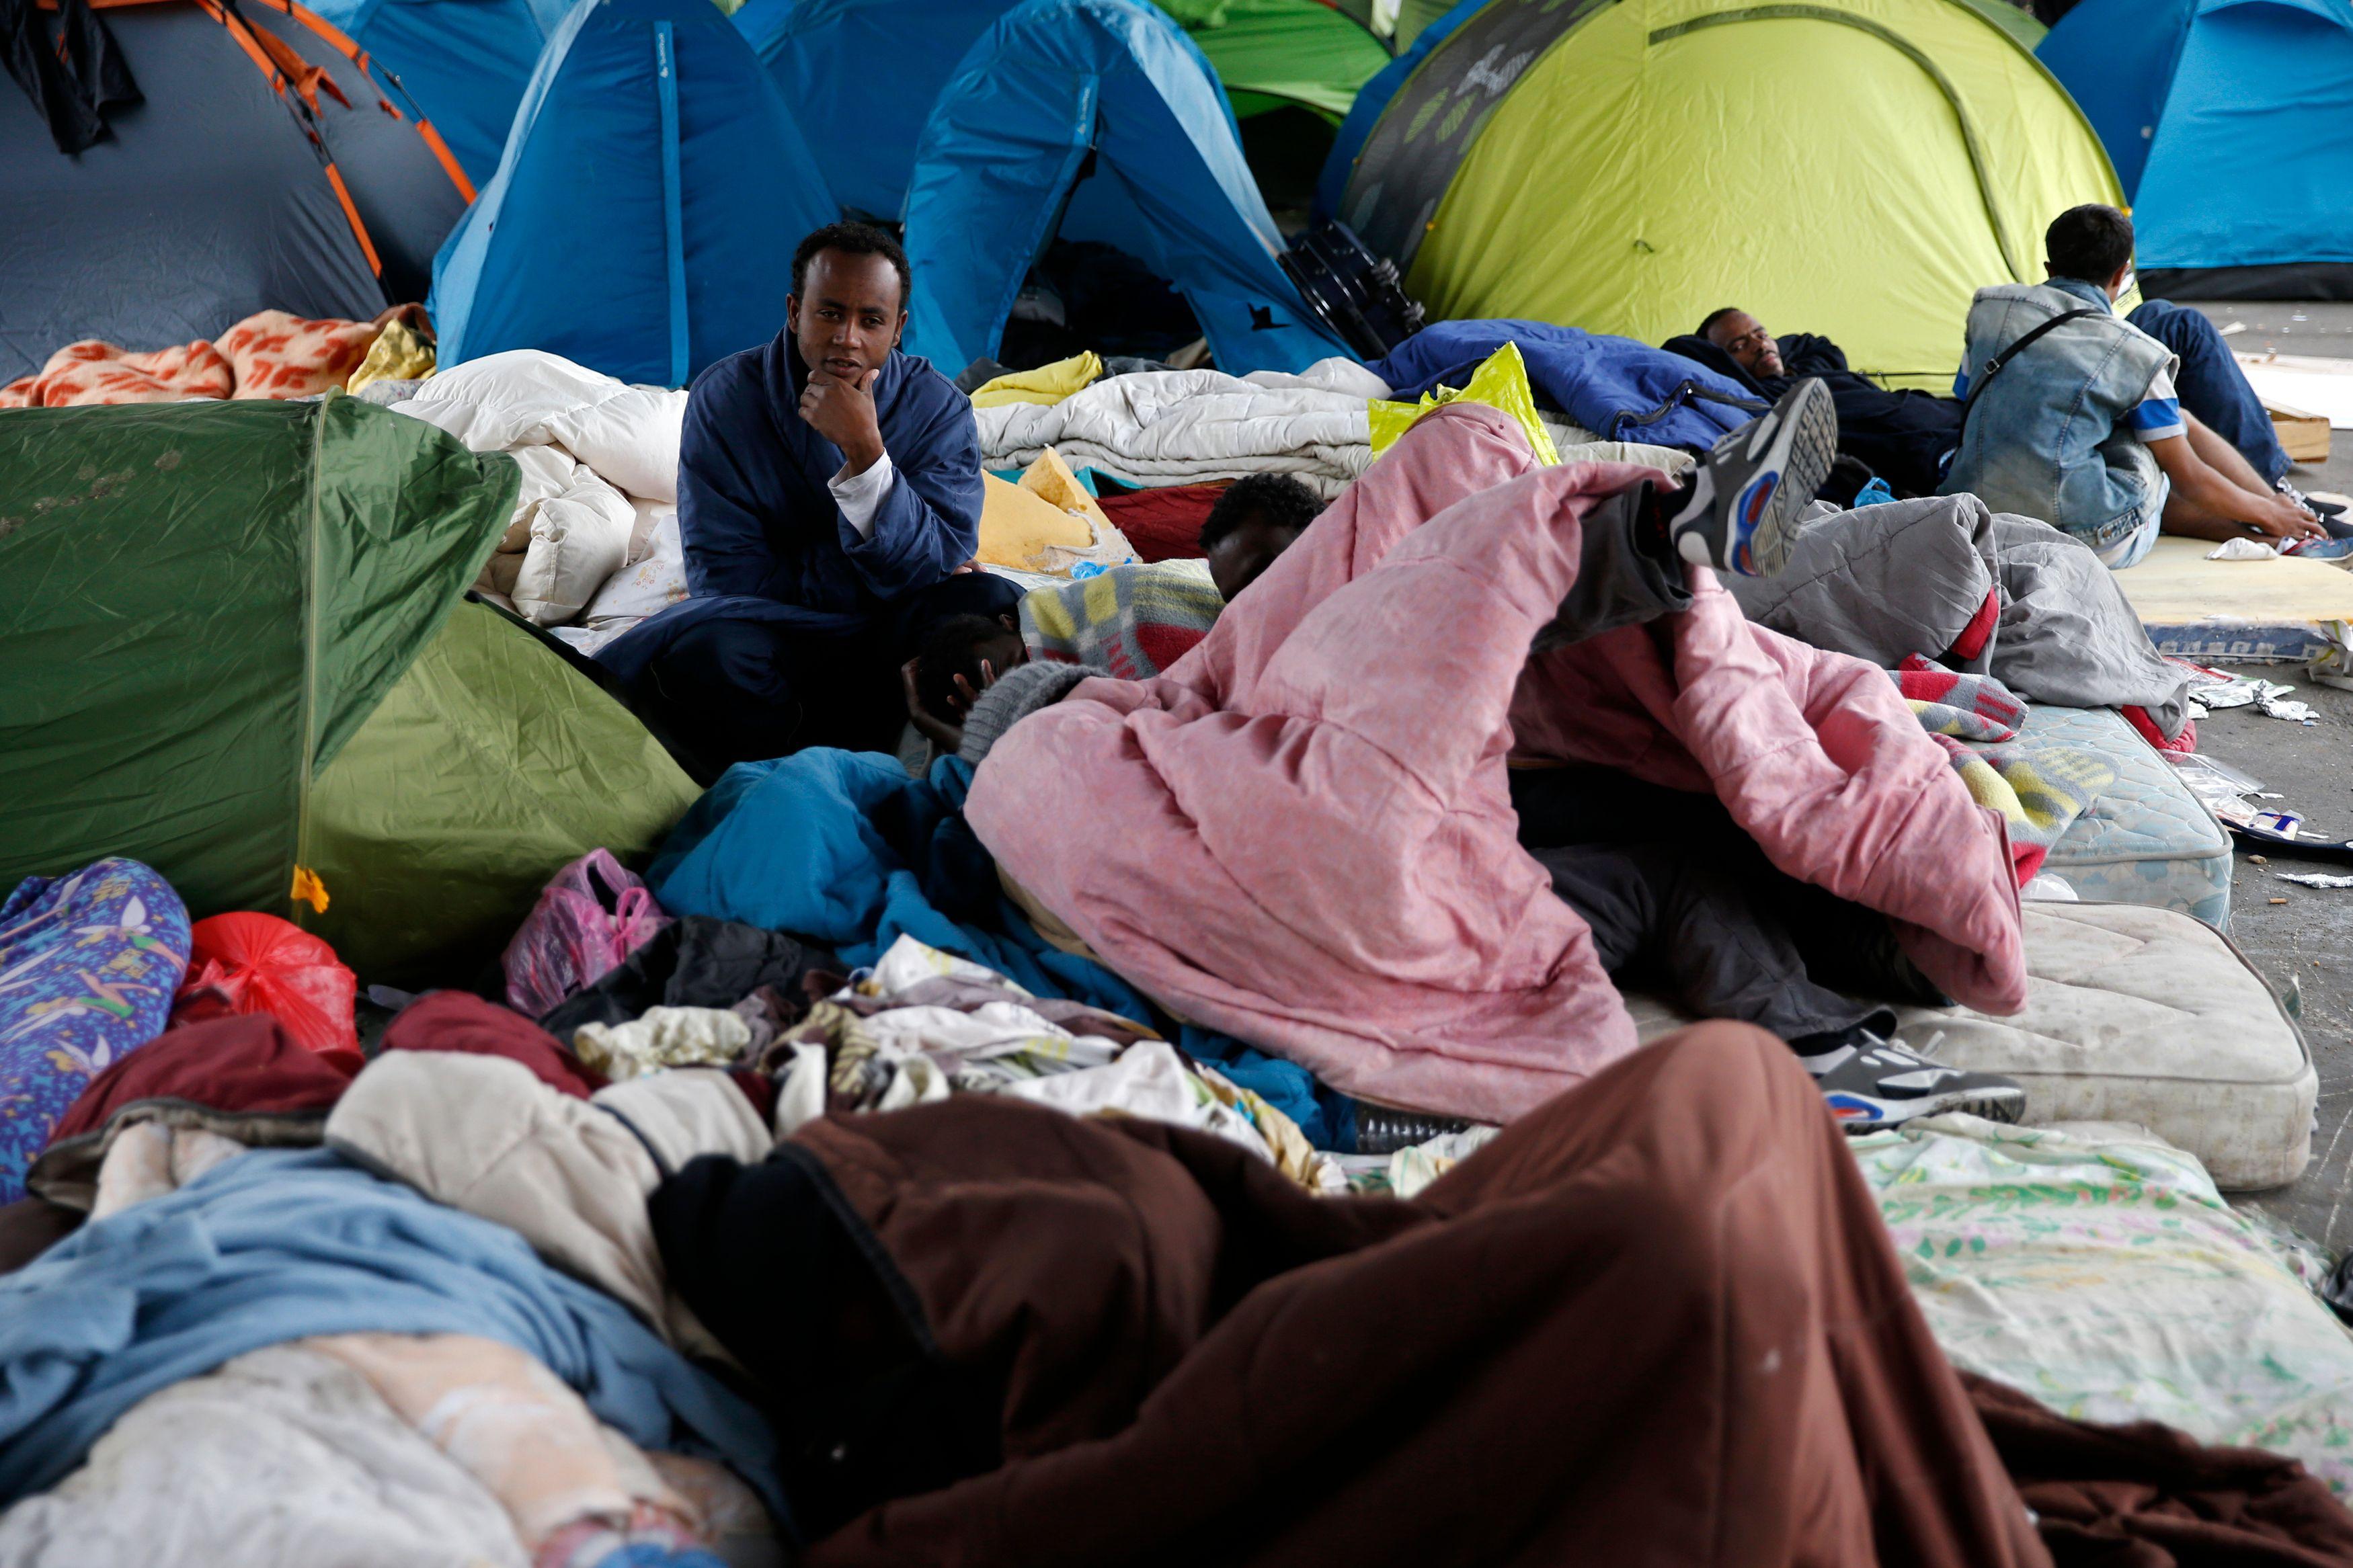 Un camps de migrant à Calais.